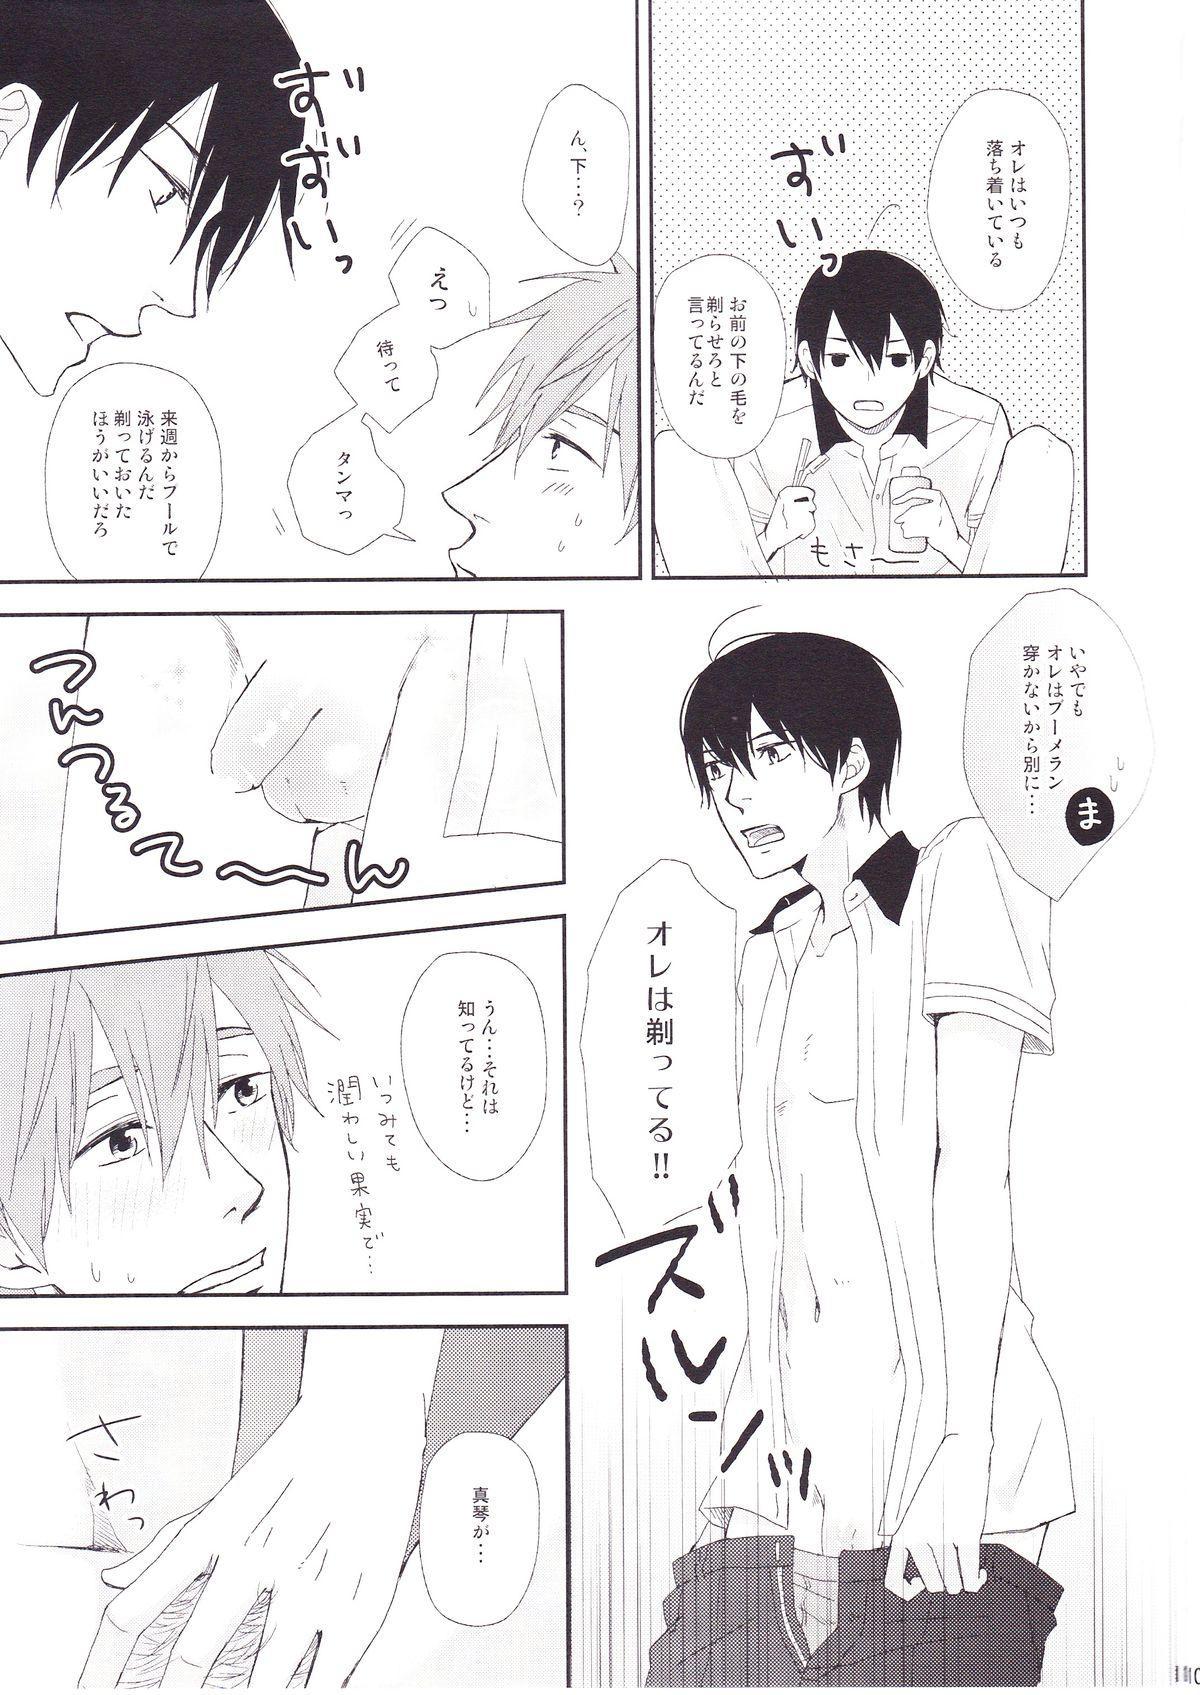 Koi no nawa shikakemashou 10